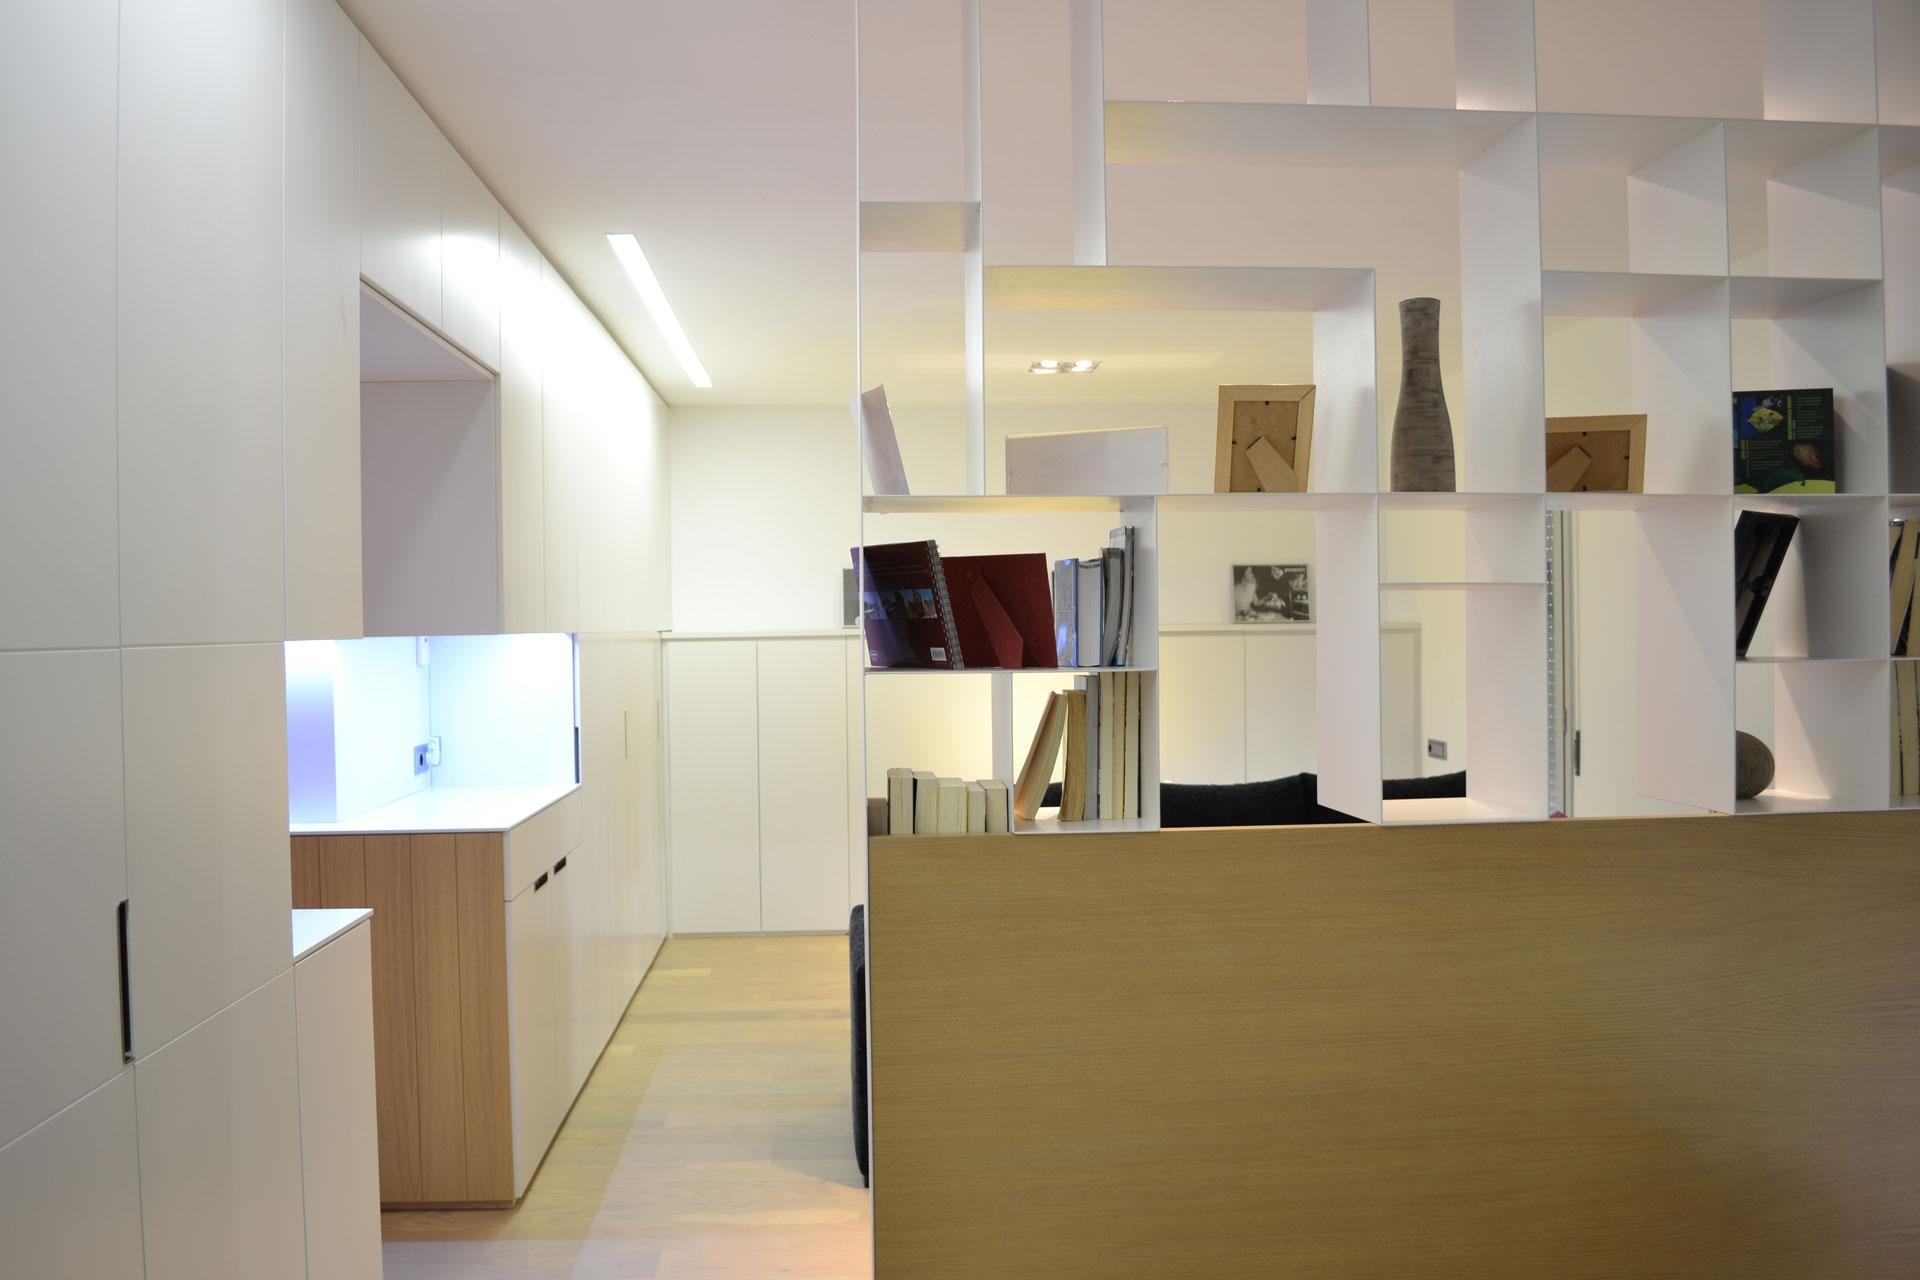 residencial11_estudicastro